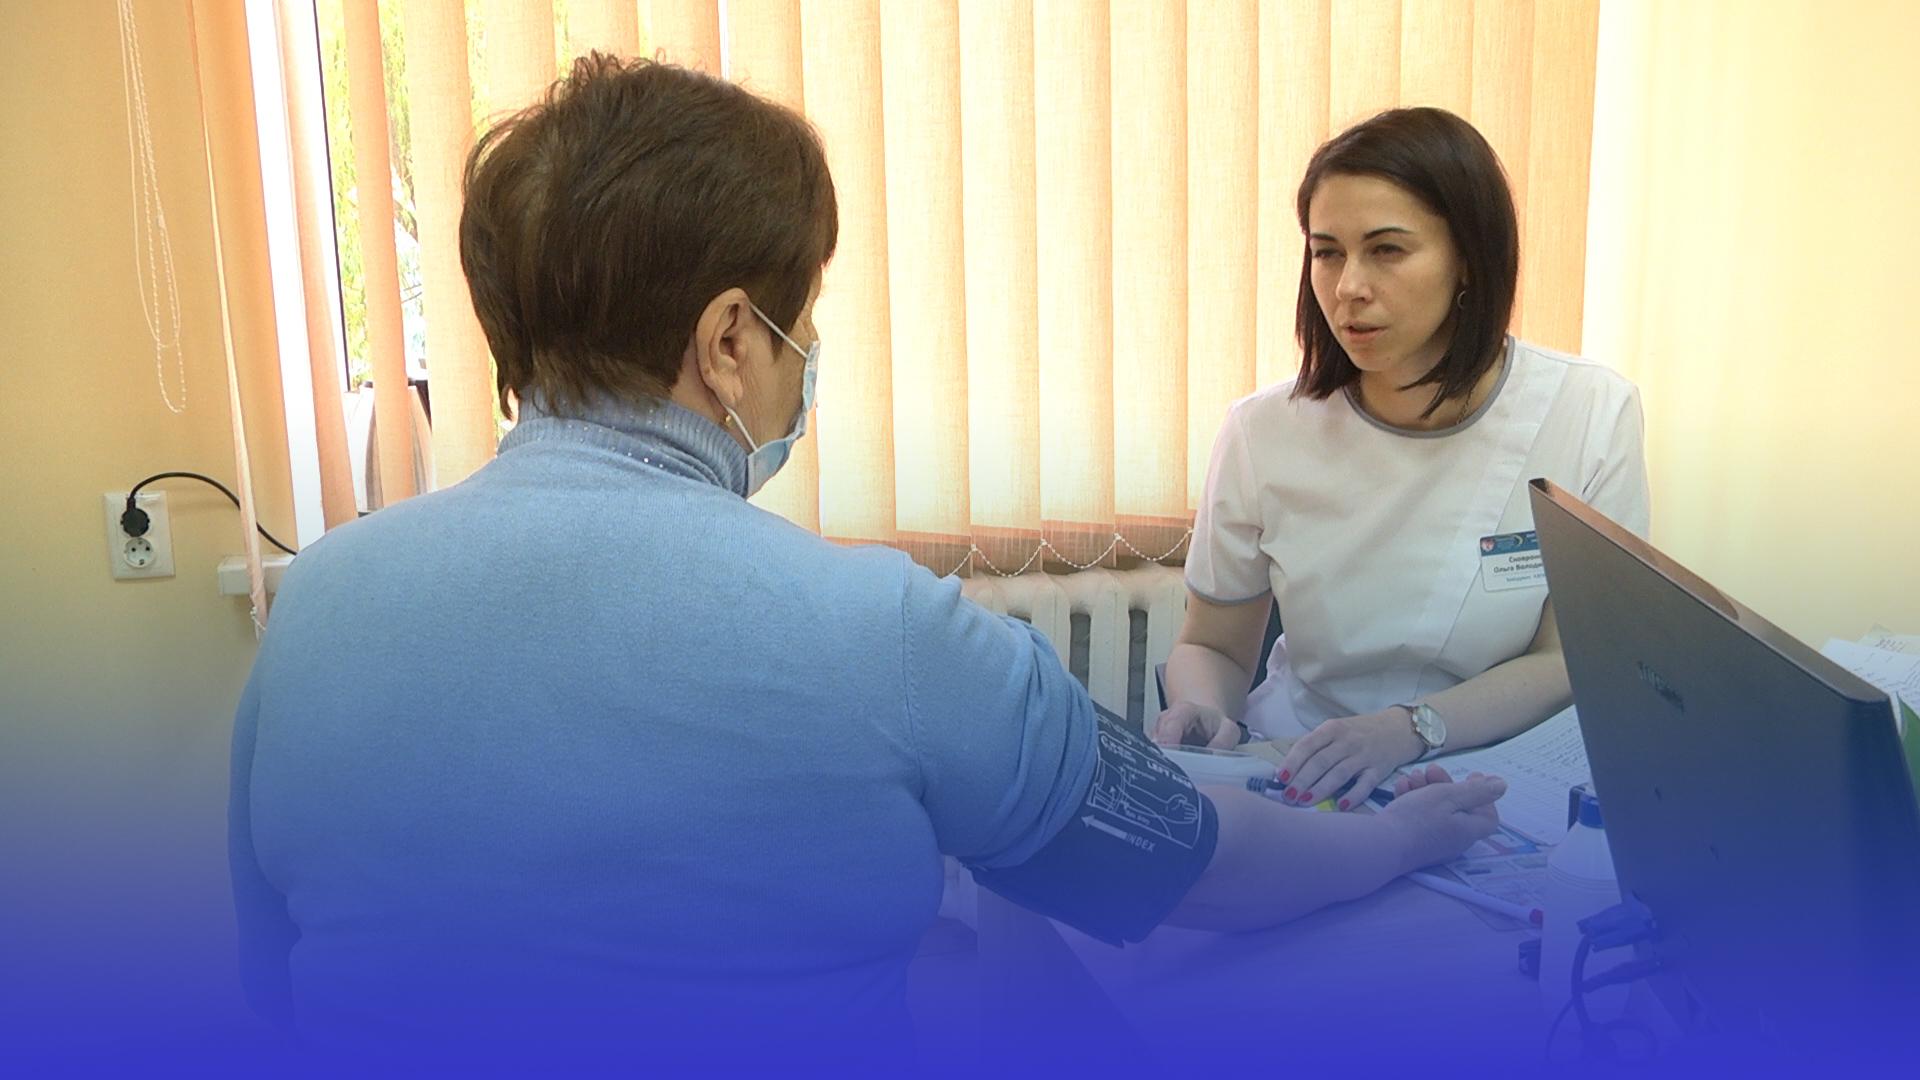 Завжди на зв'язку: у день сімейного лікаря медик з Тернополя розповіла про реалії своєї роботи